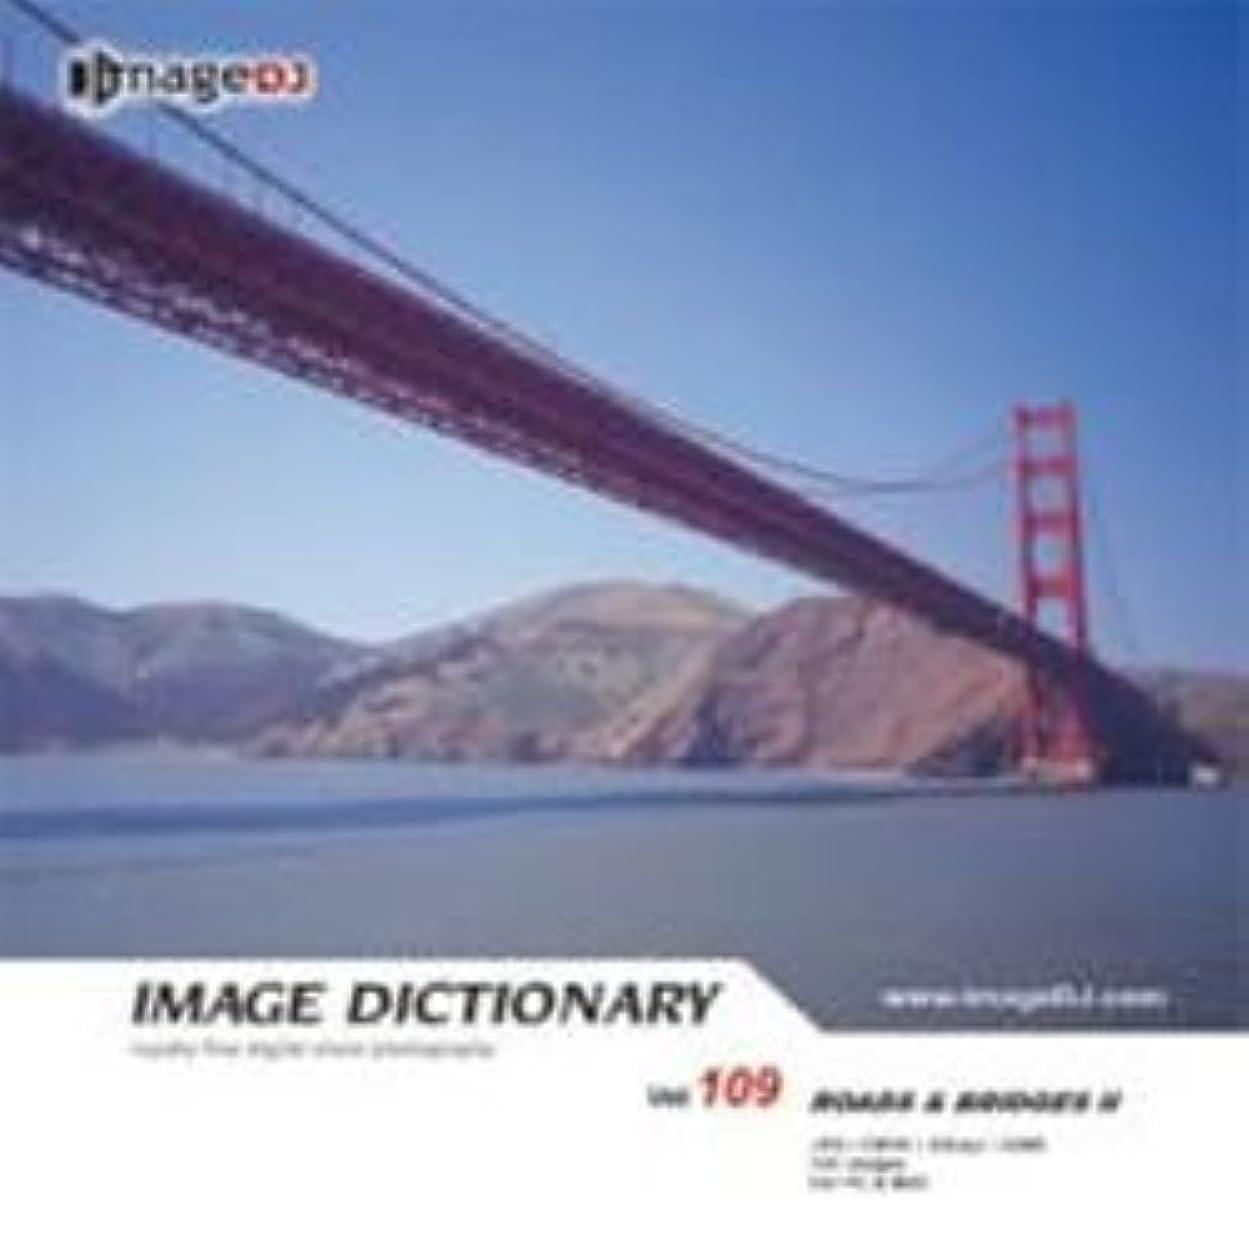 ちっちゃい鳩未満イメージ ディクショナリー Vol.109 道路と橋(2)